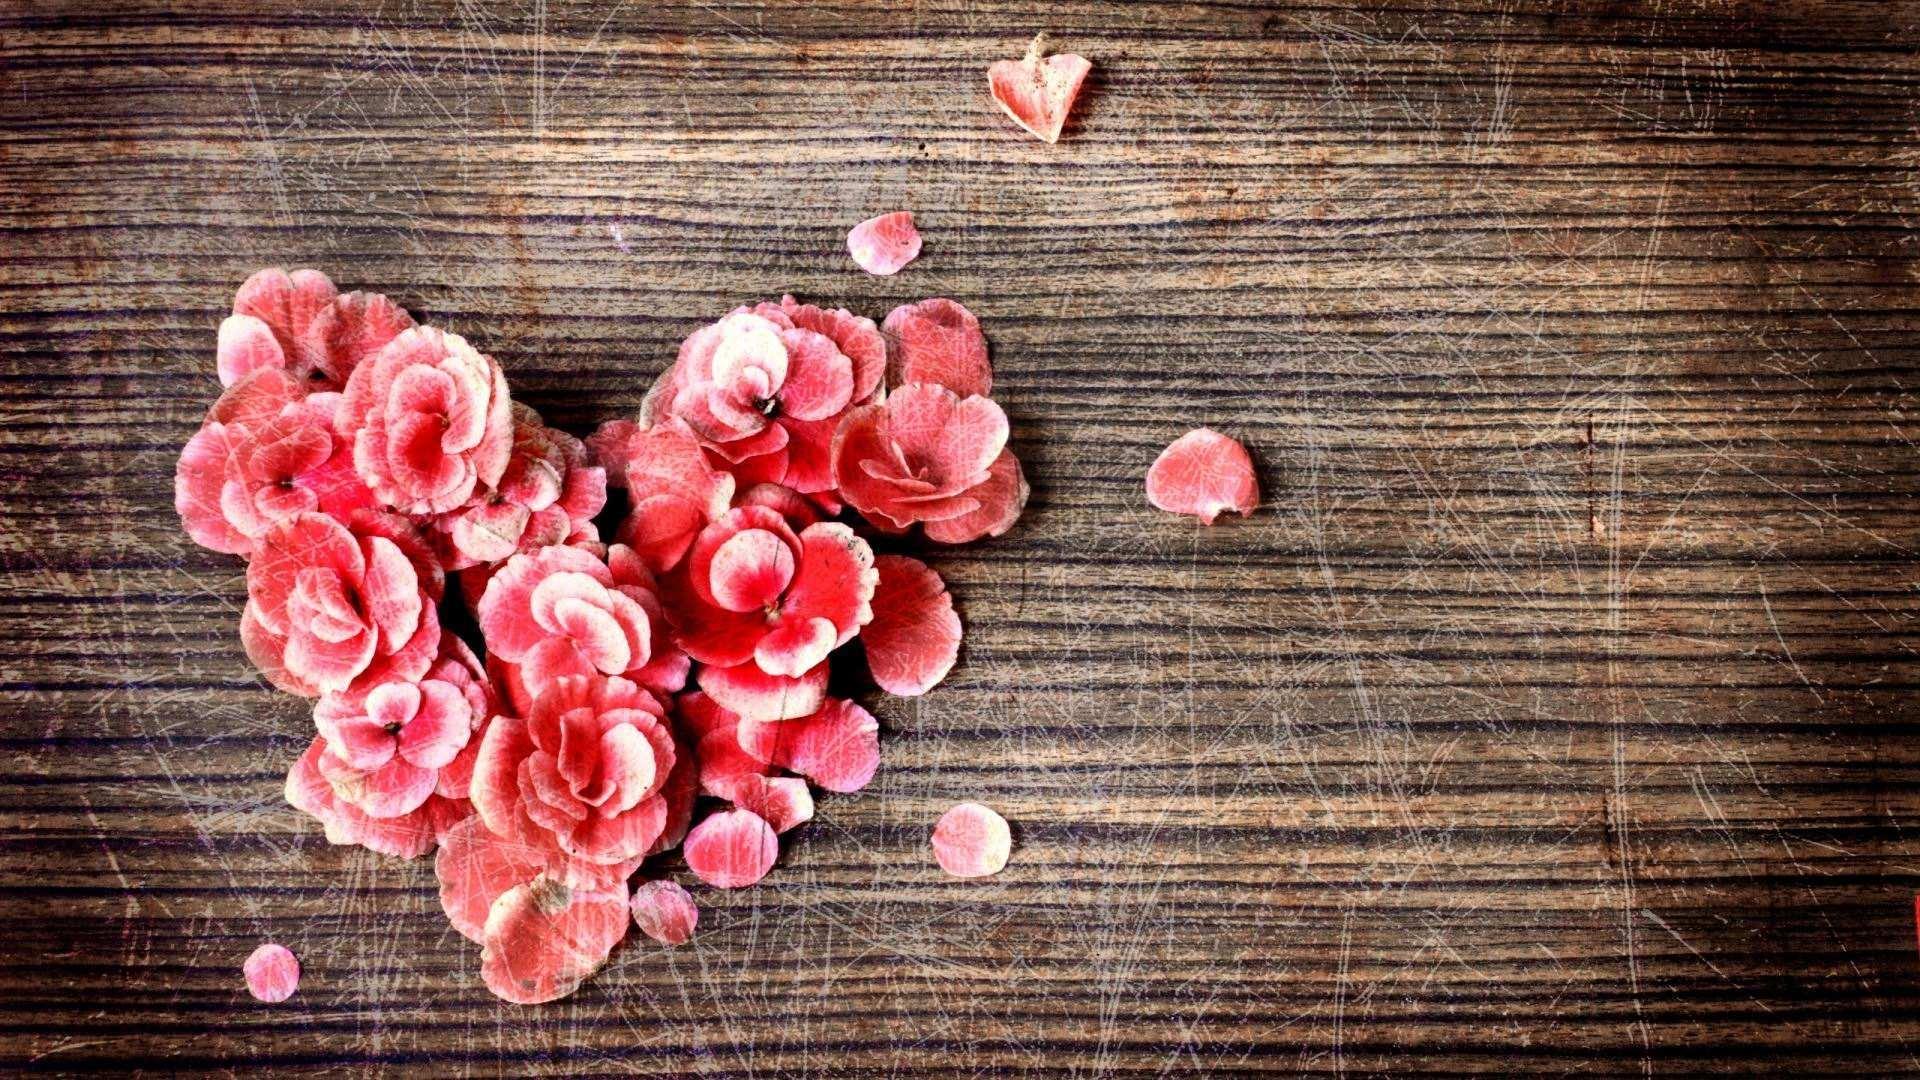 握不住的伤感爱情经典语录:至少我曾经爱过,只是现在该结束了